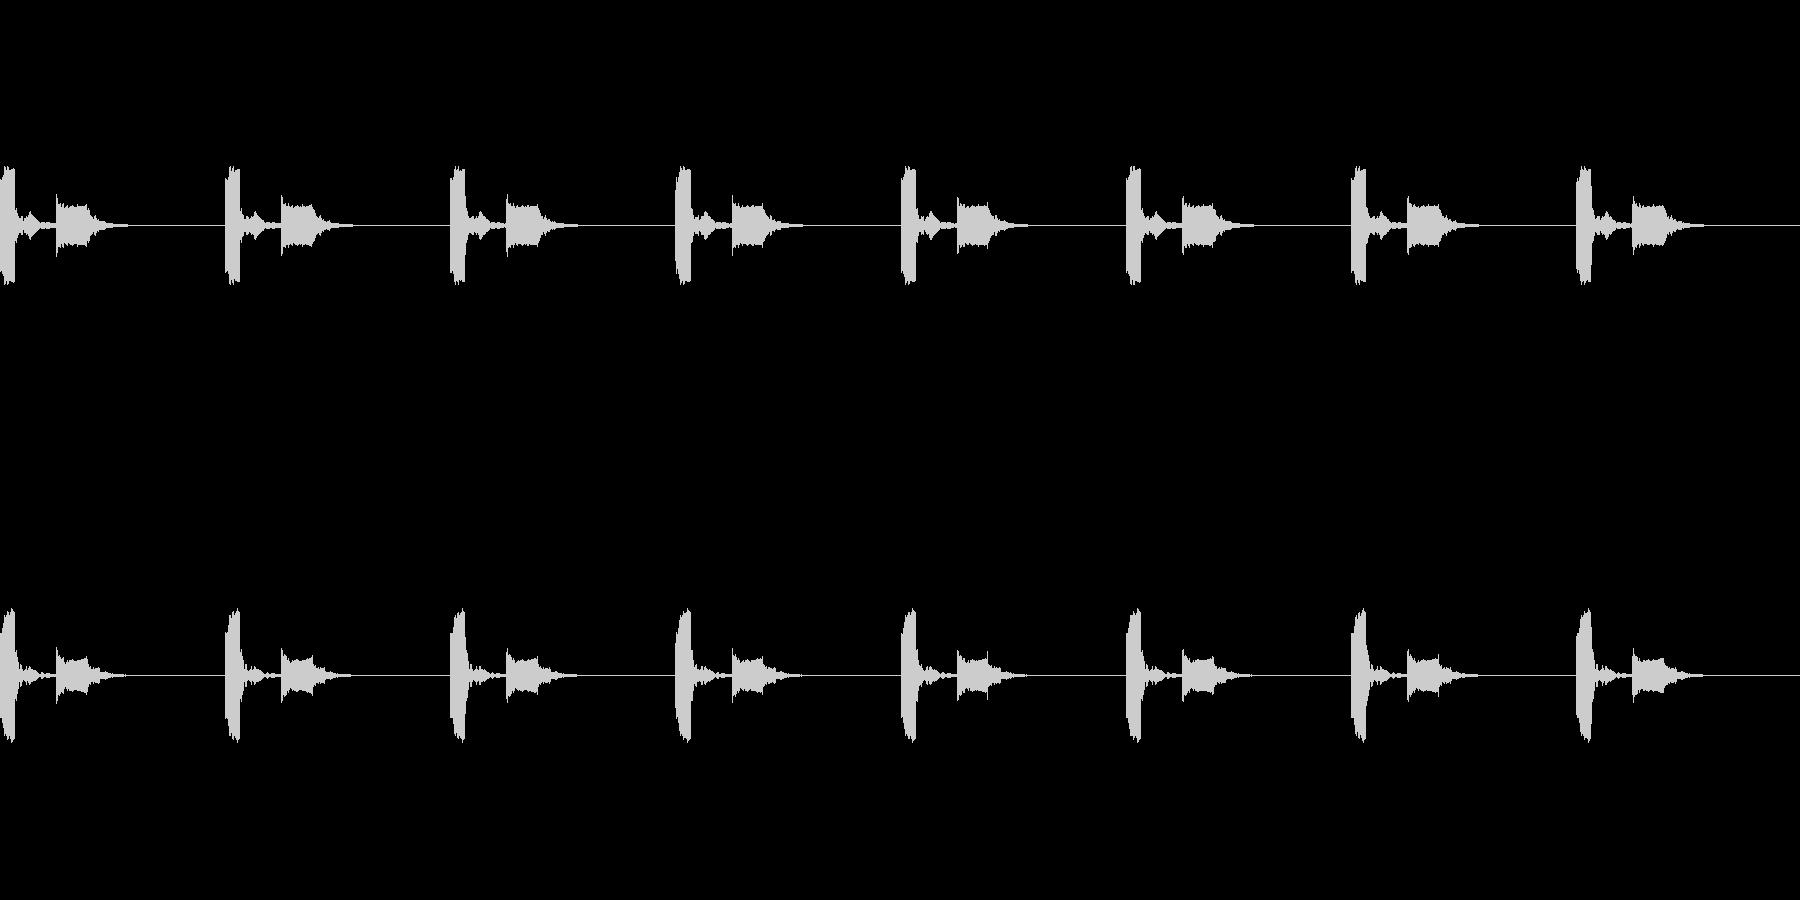 【誘導音 横断歩道01-2L】の未再生の波形